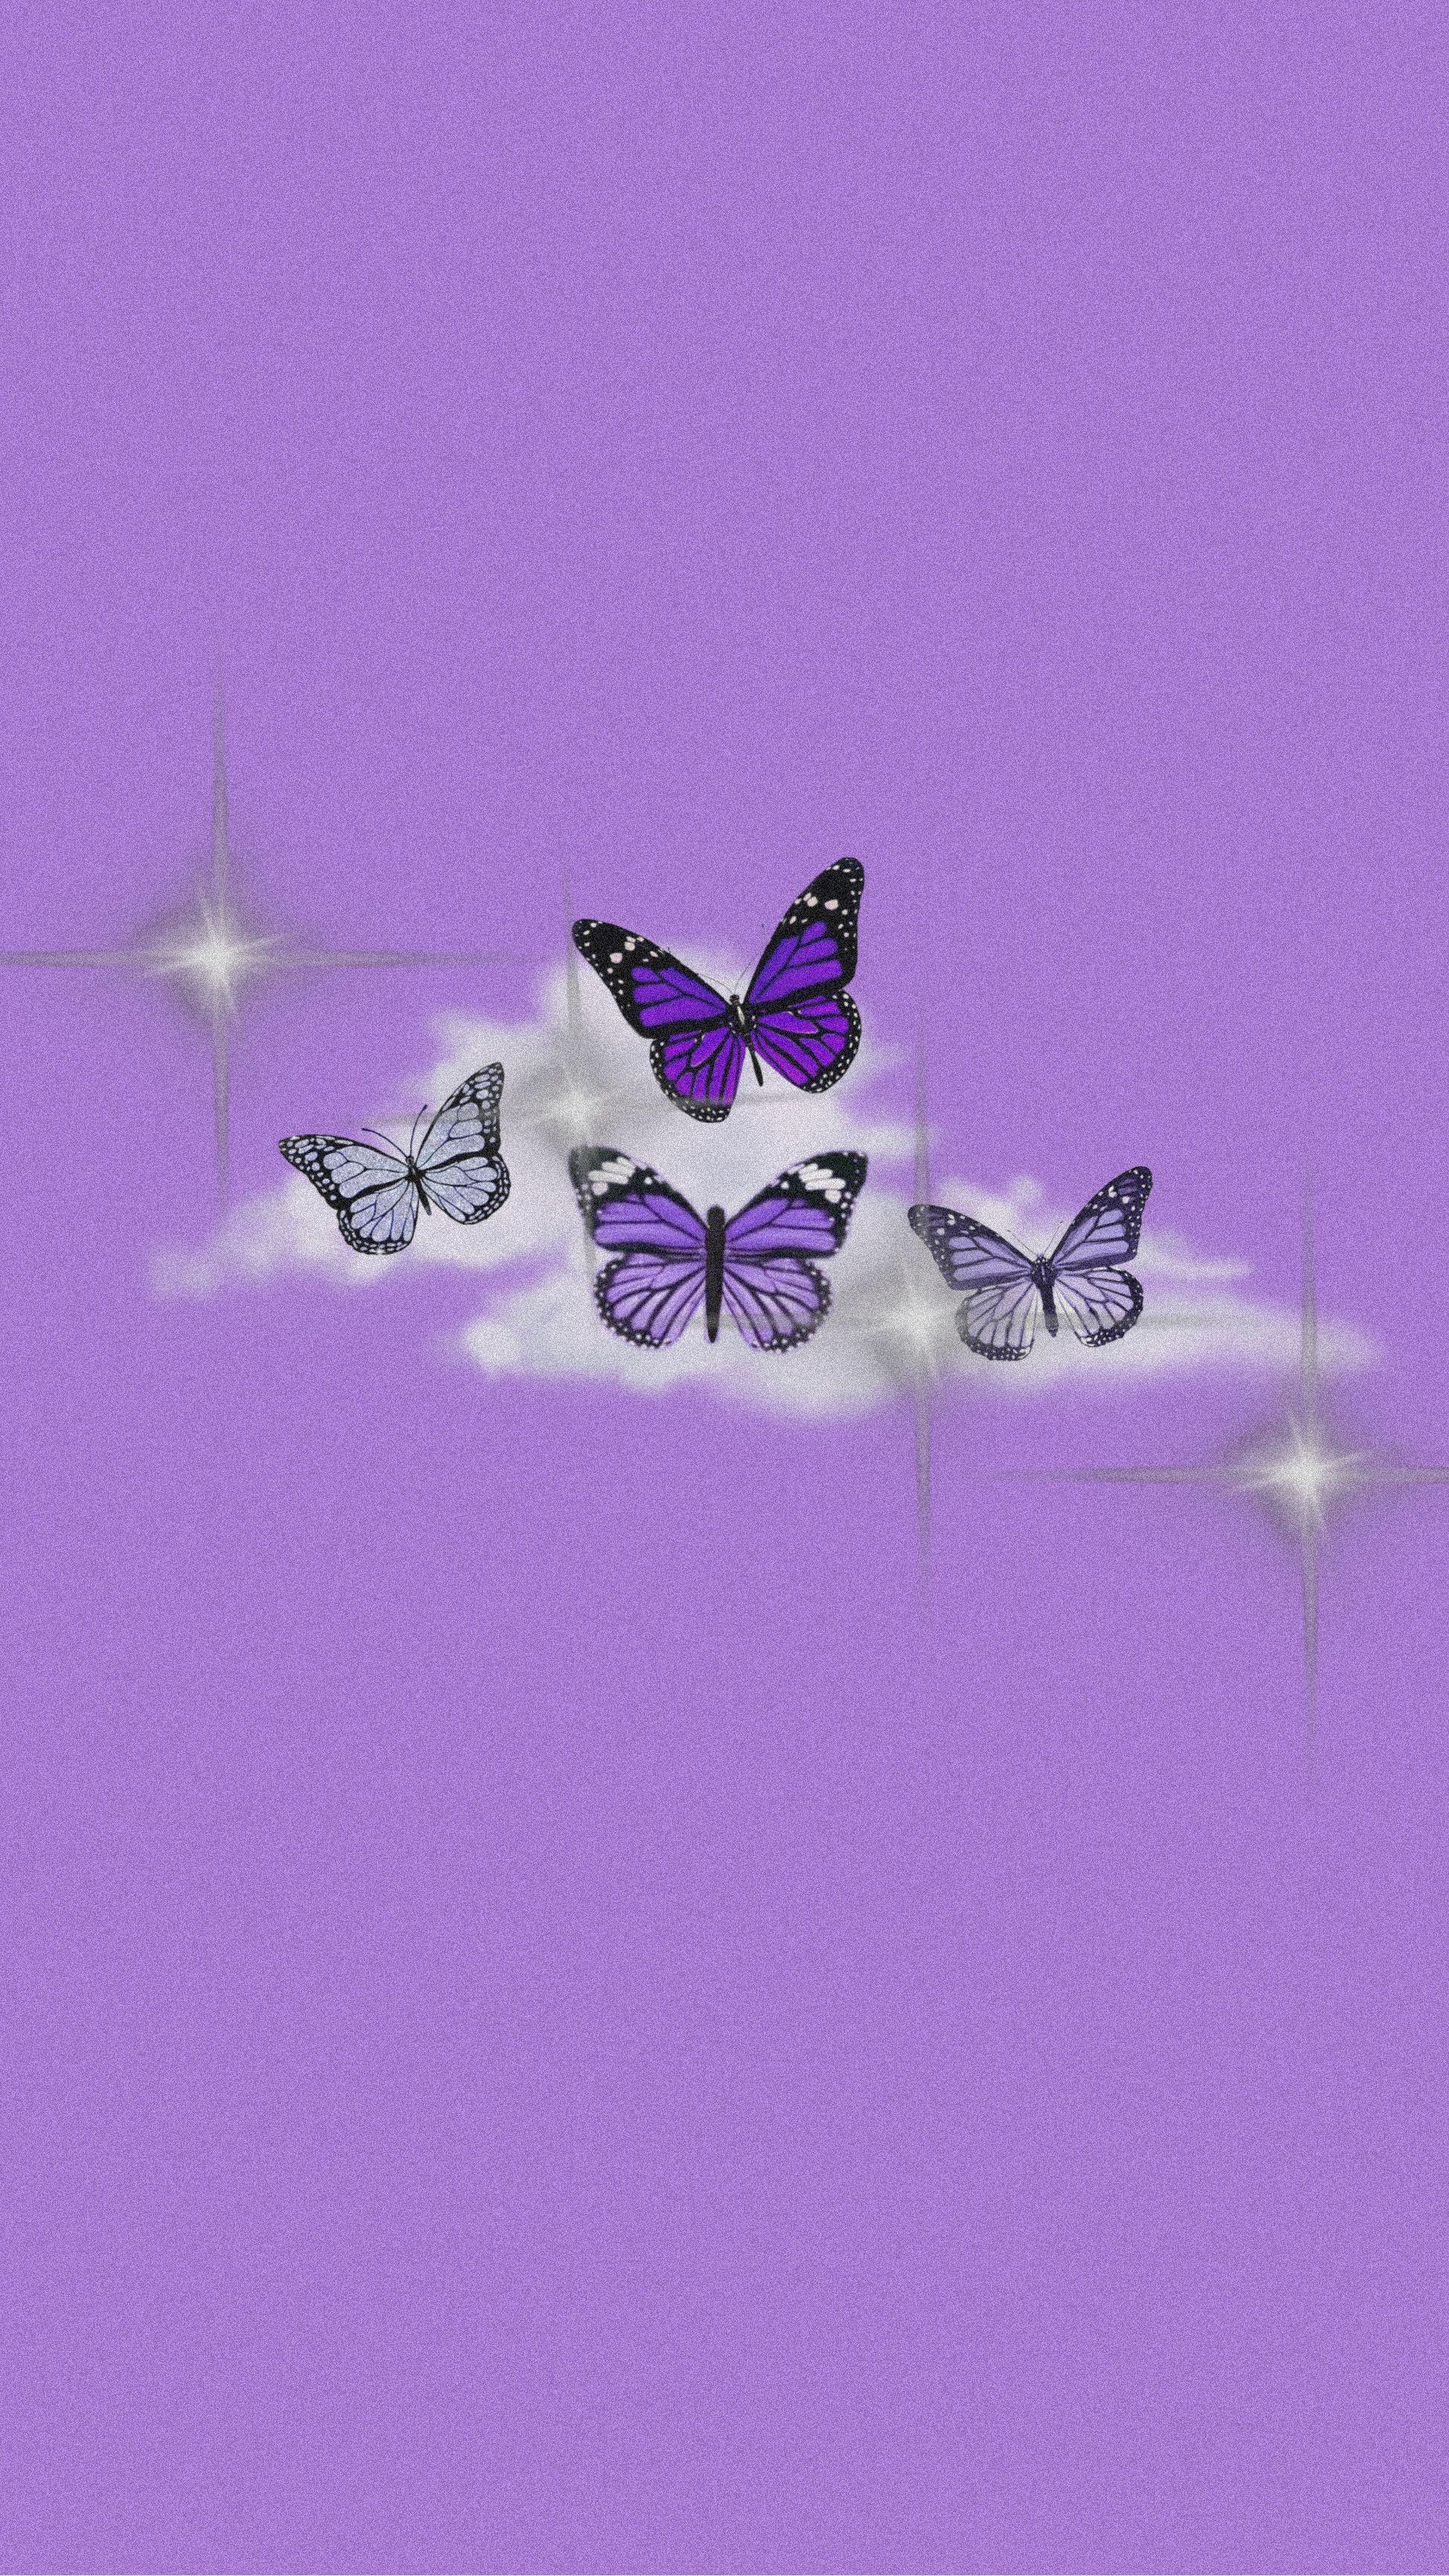 Purple Butterfly Butterfly Wallpaper Aesthetic Iphone Wallpaper Free Iphone Wallpaper